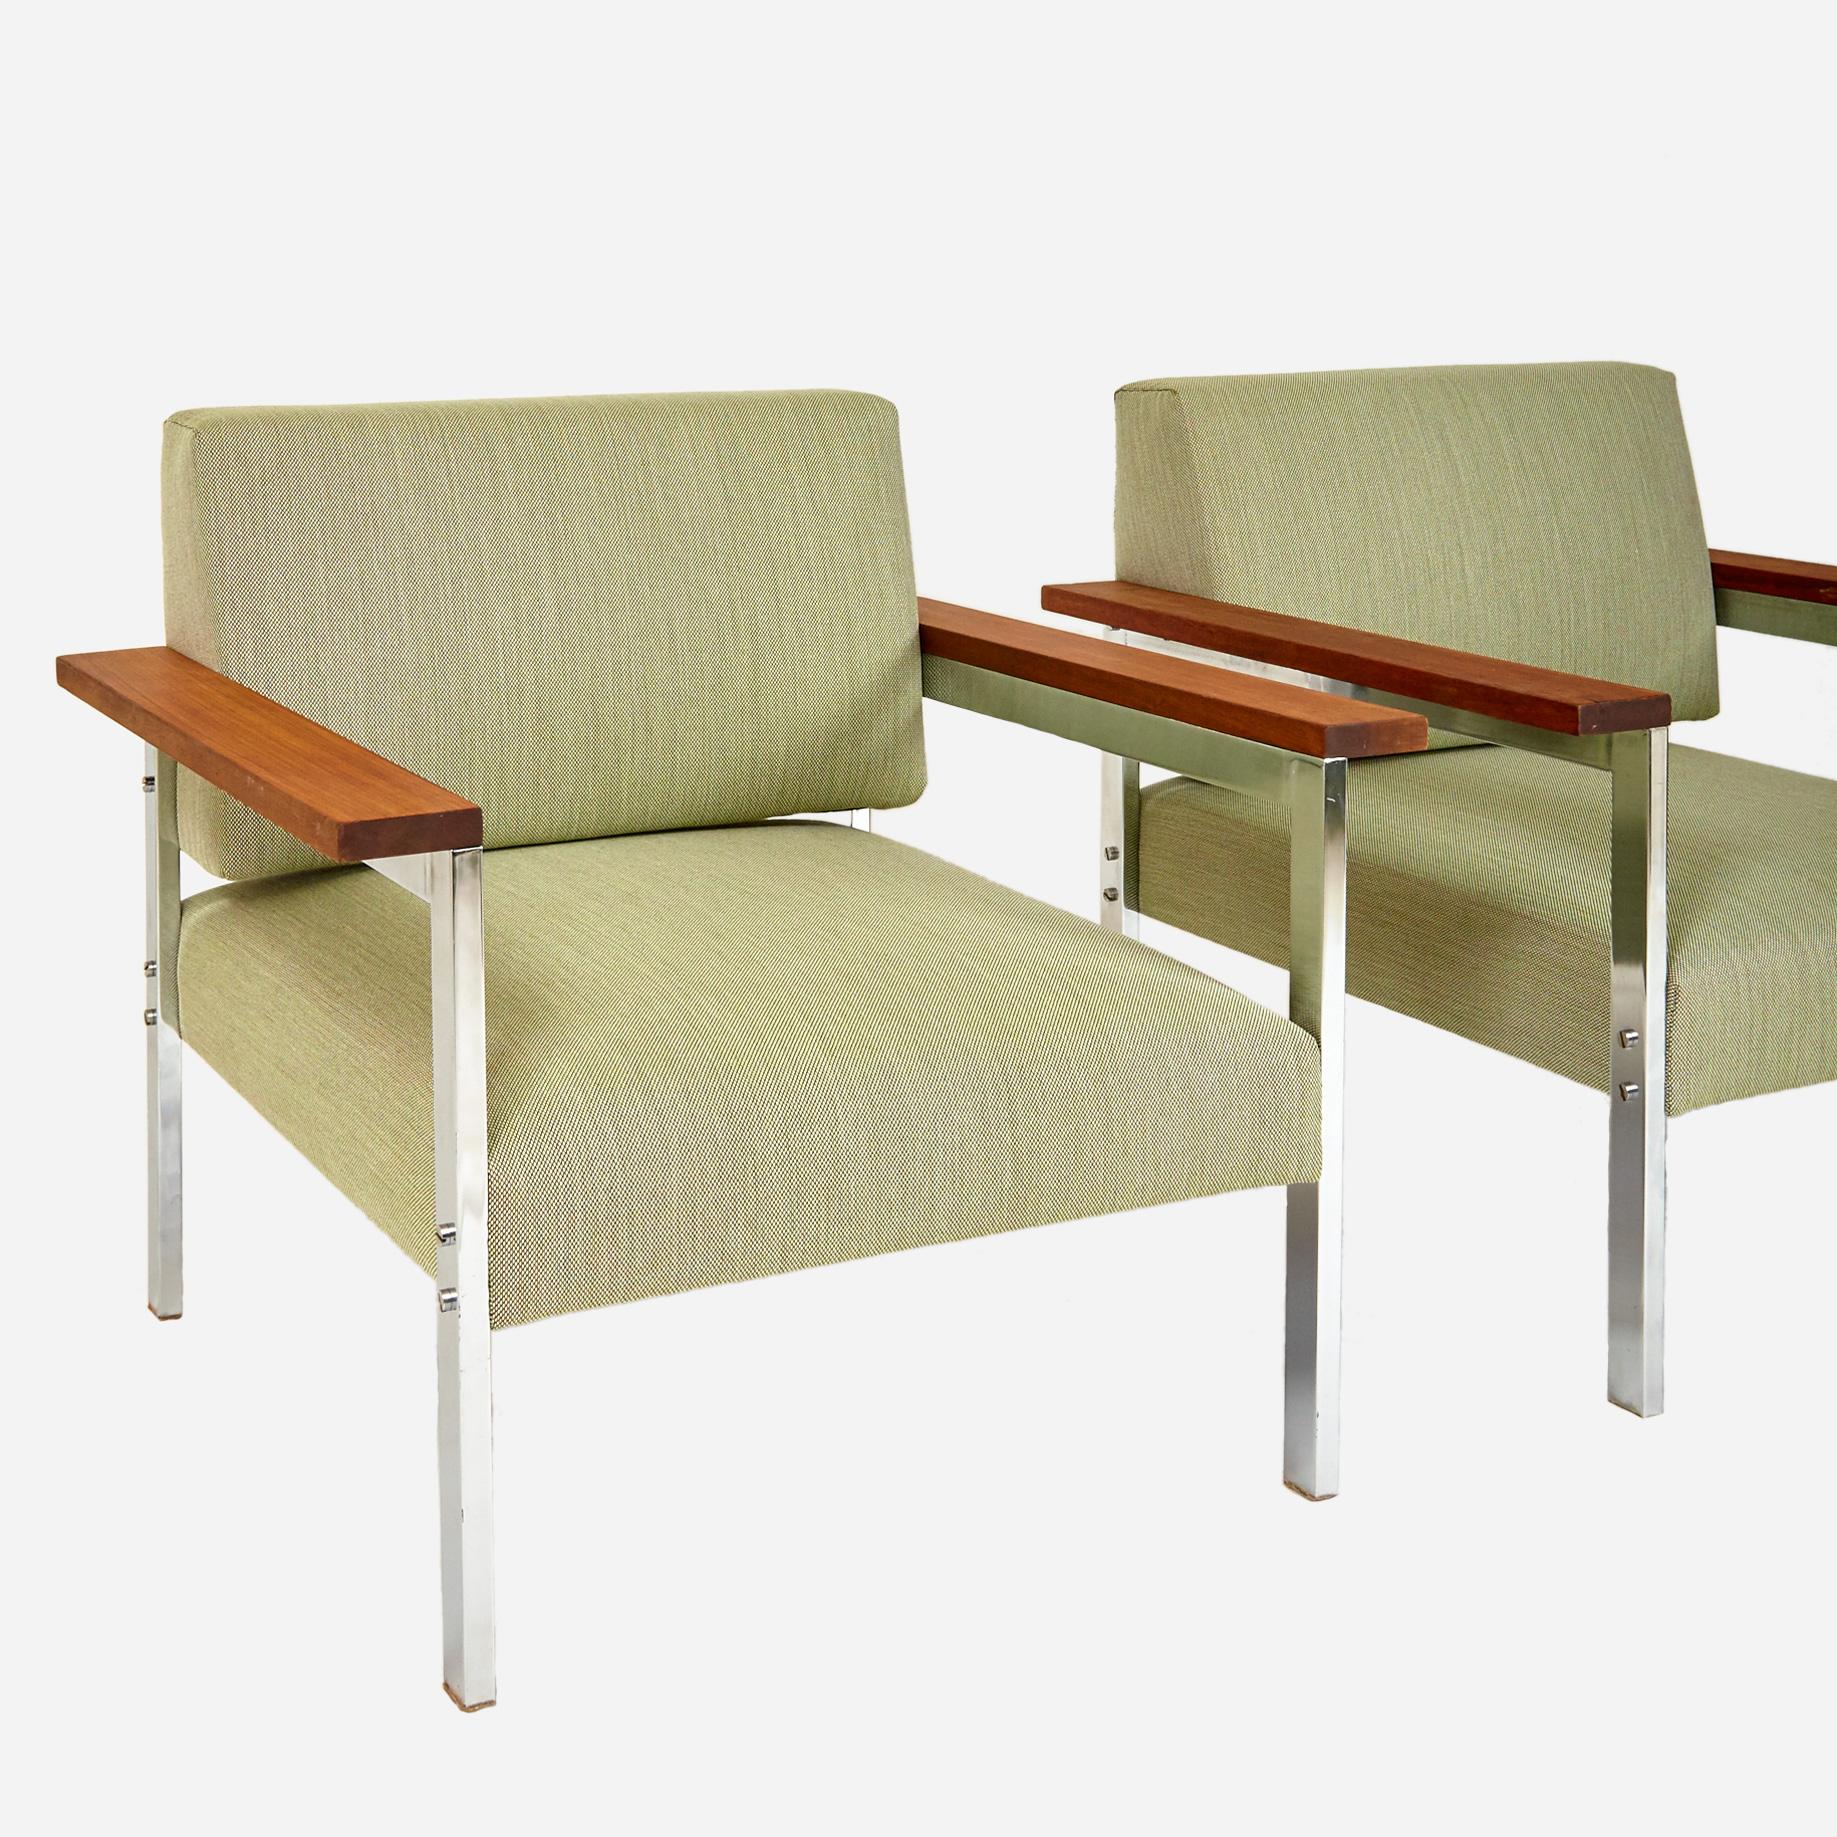 zwei sessel mit holzarmlehne 1960er jahre neu bezogen m bel z rich vintagem bel. Black Bedroom Furniture Sets. Home Design Ideas